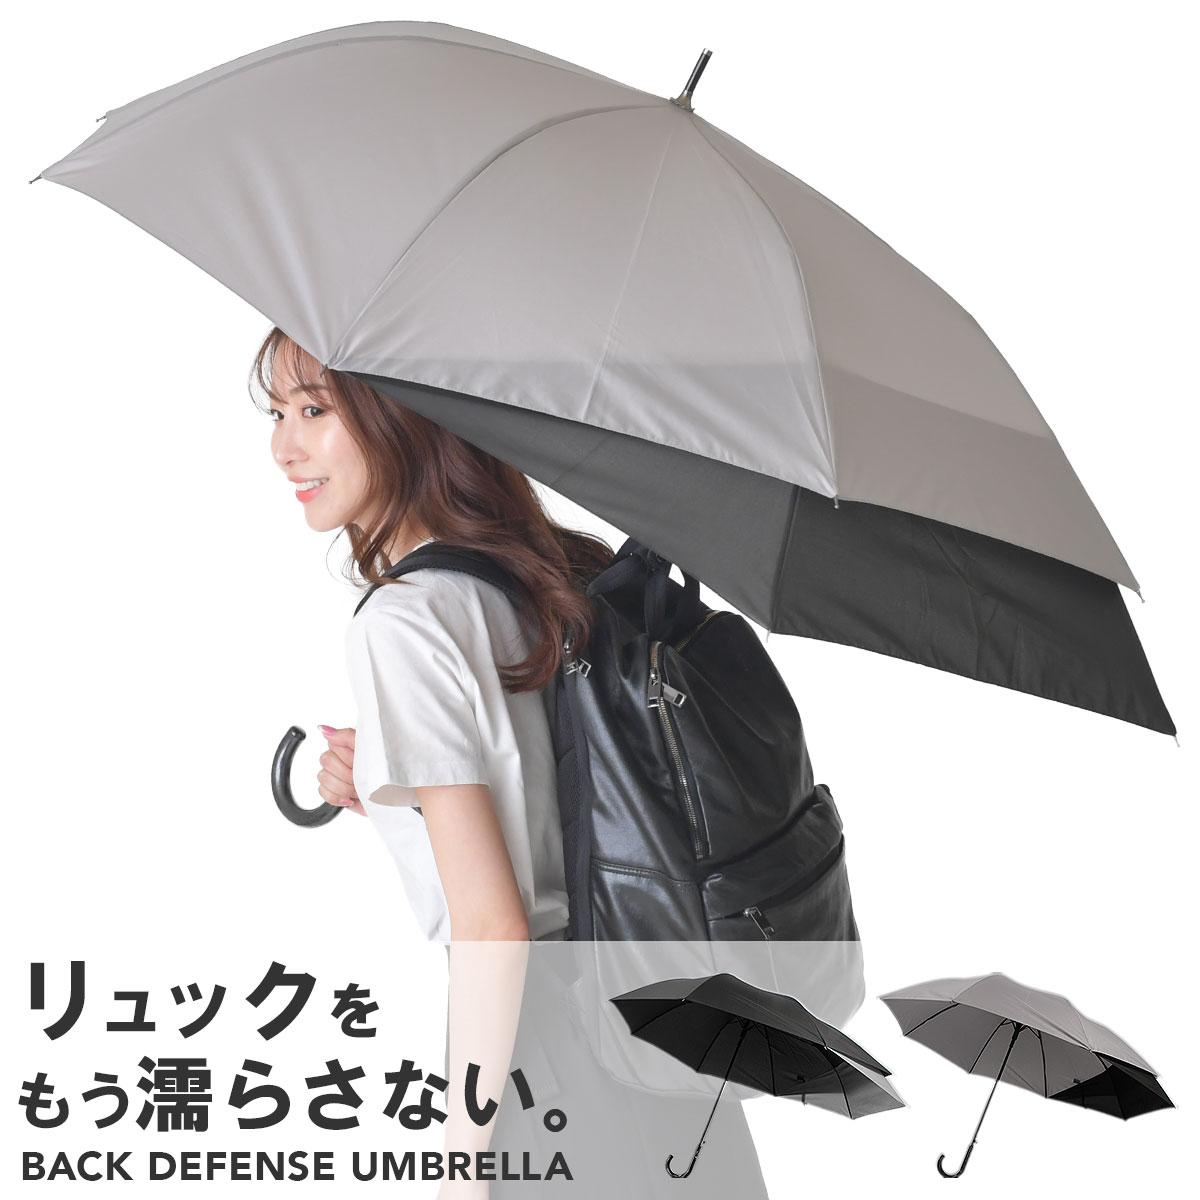 リュックが濡れない傘